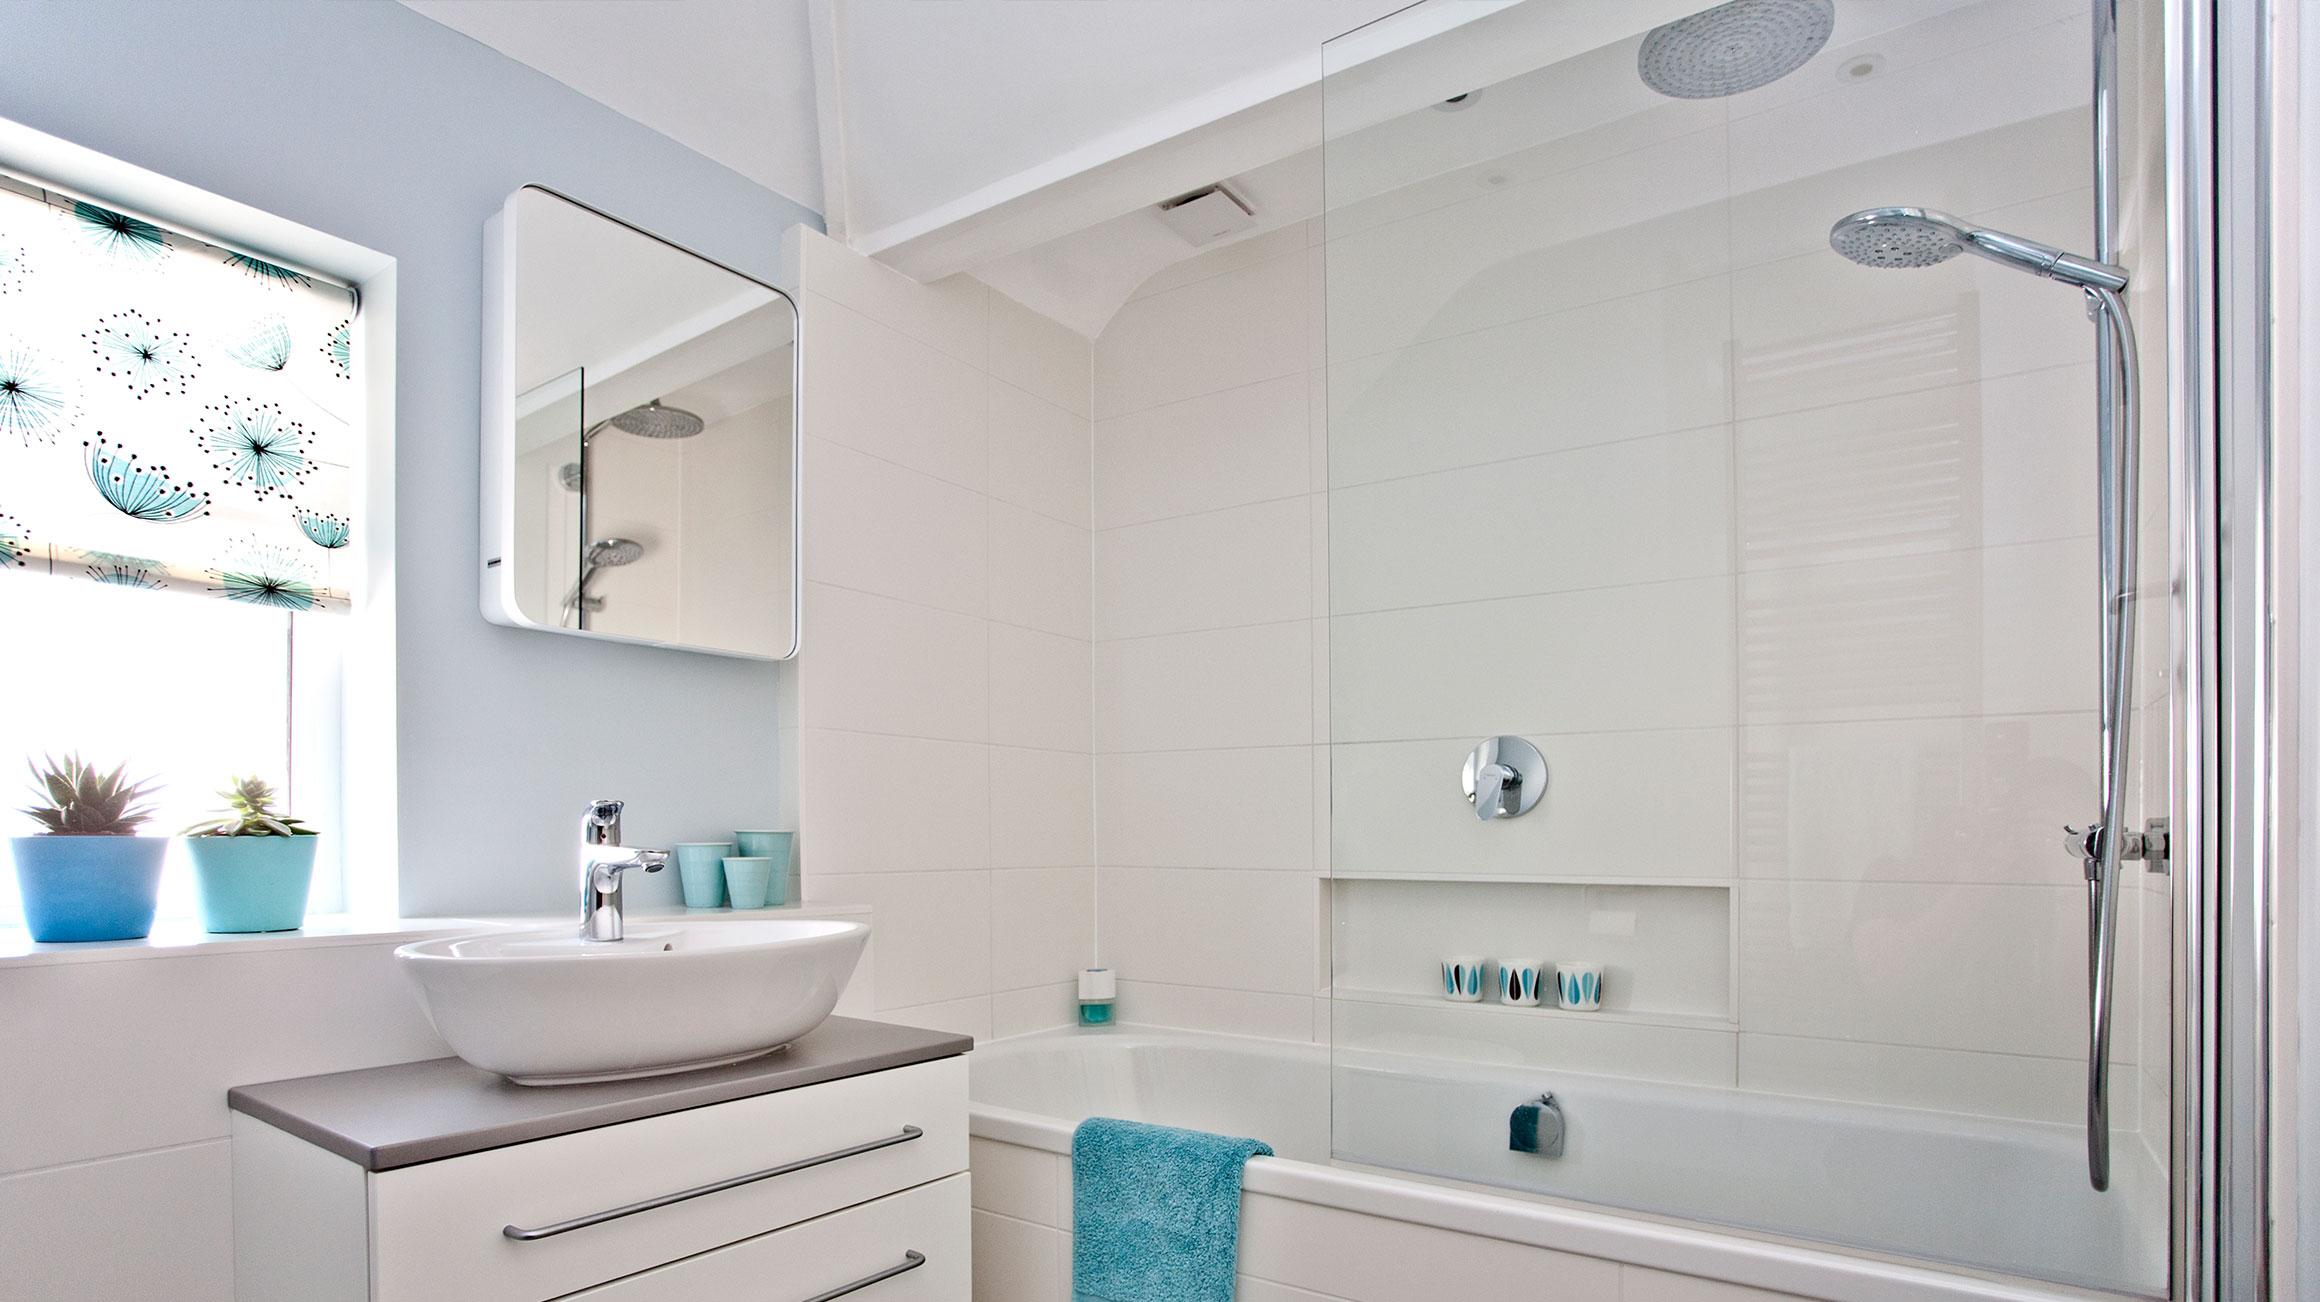 Een Gezellige Badkamer : Een huiselijke badkamer inrichten op een kleine plattegrond